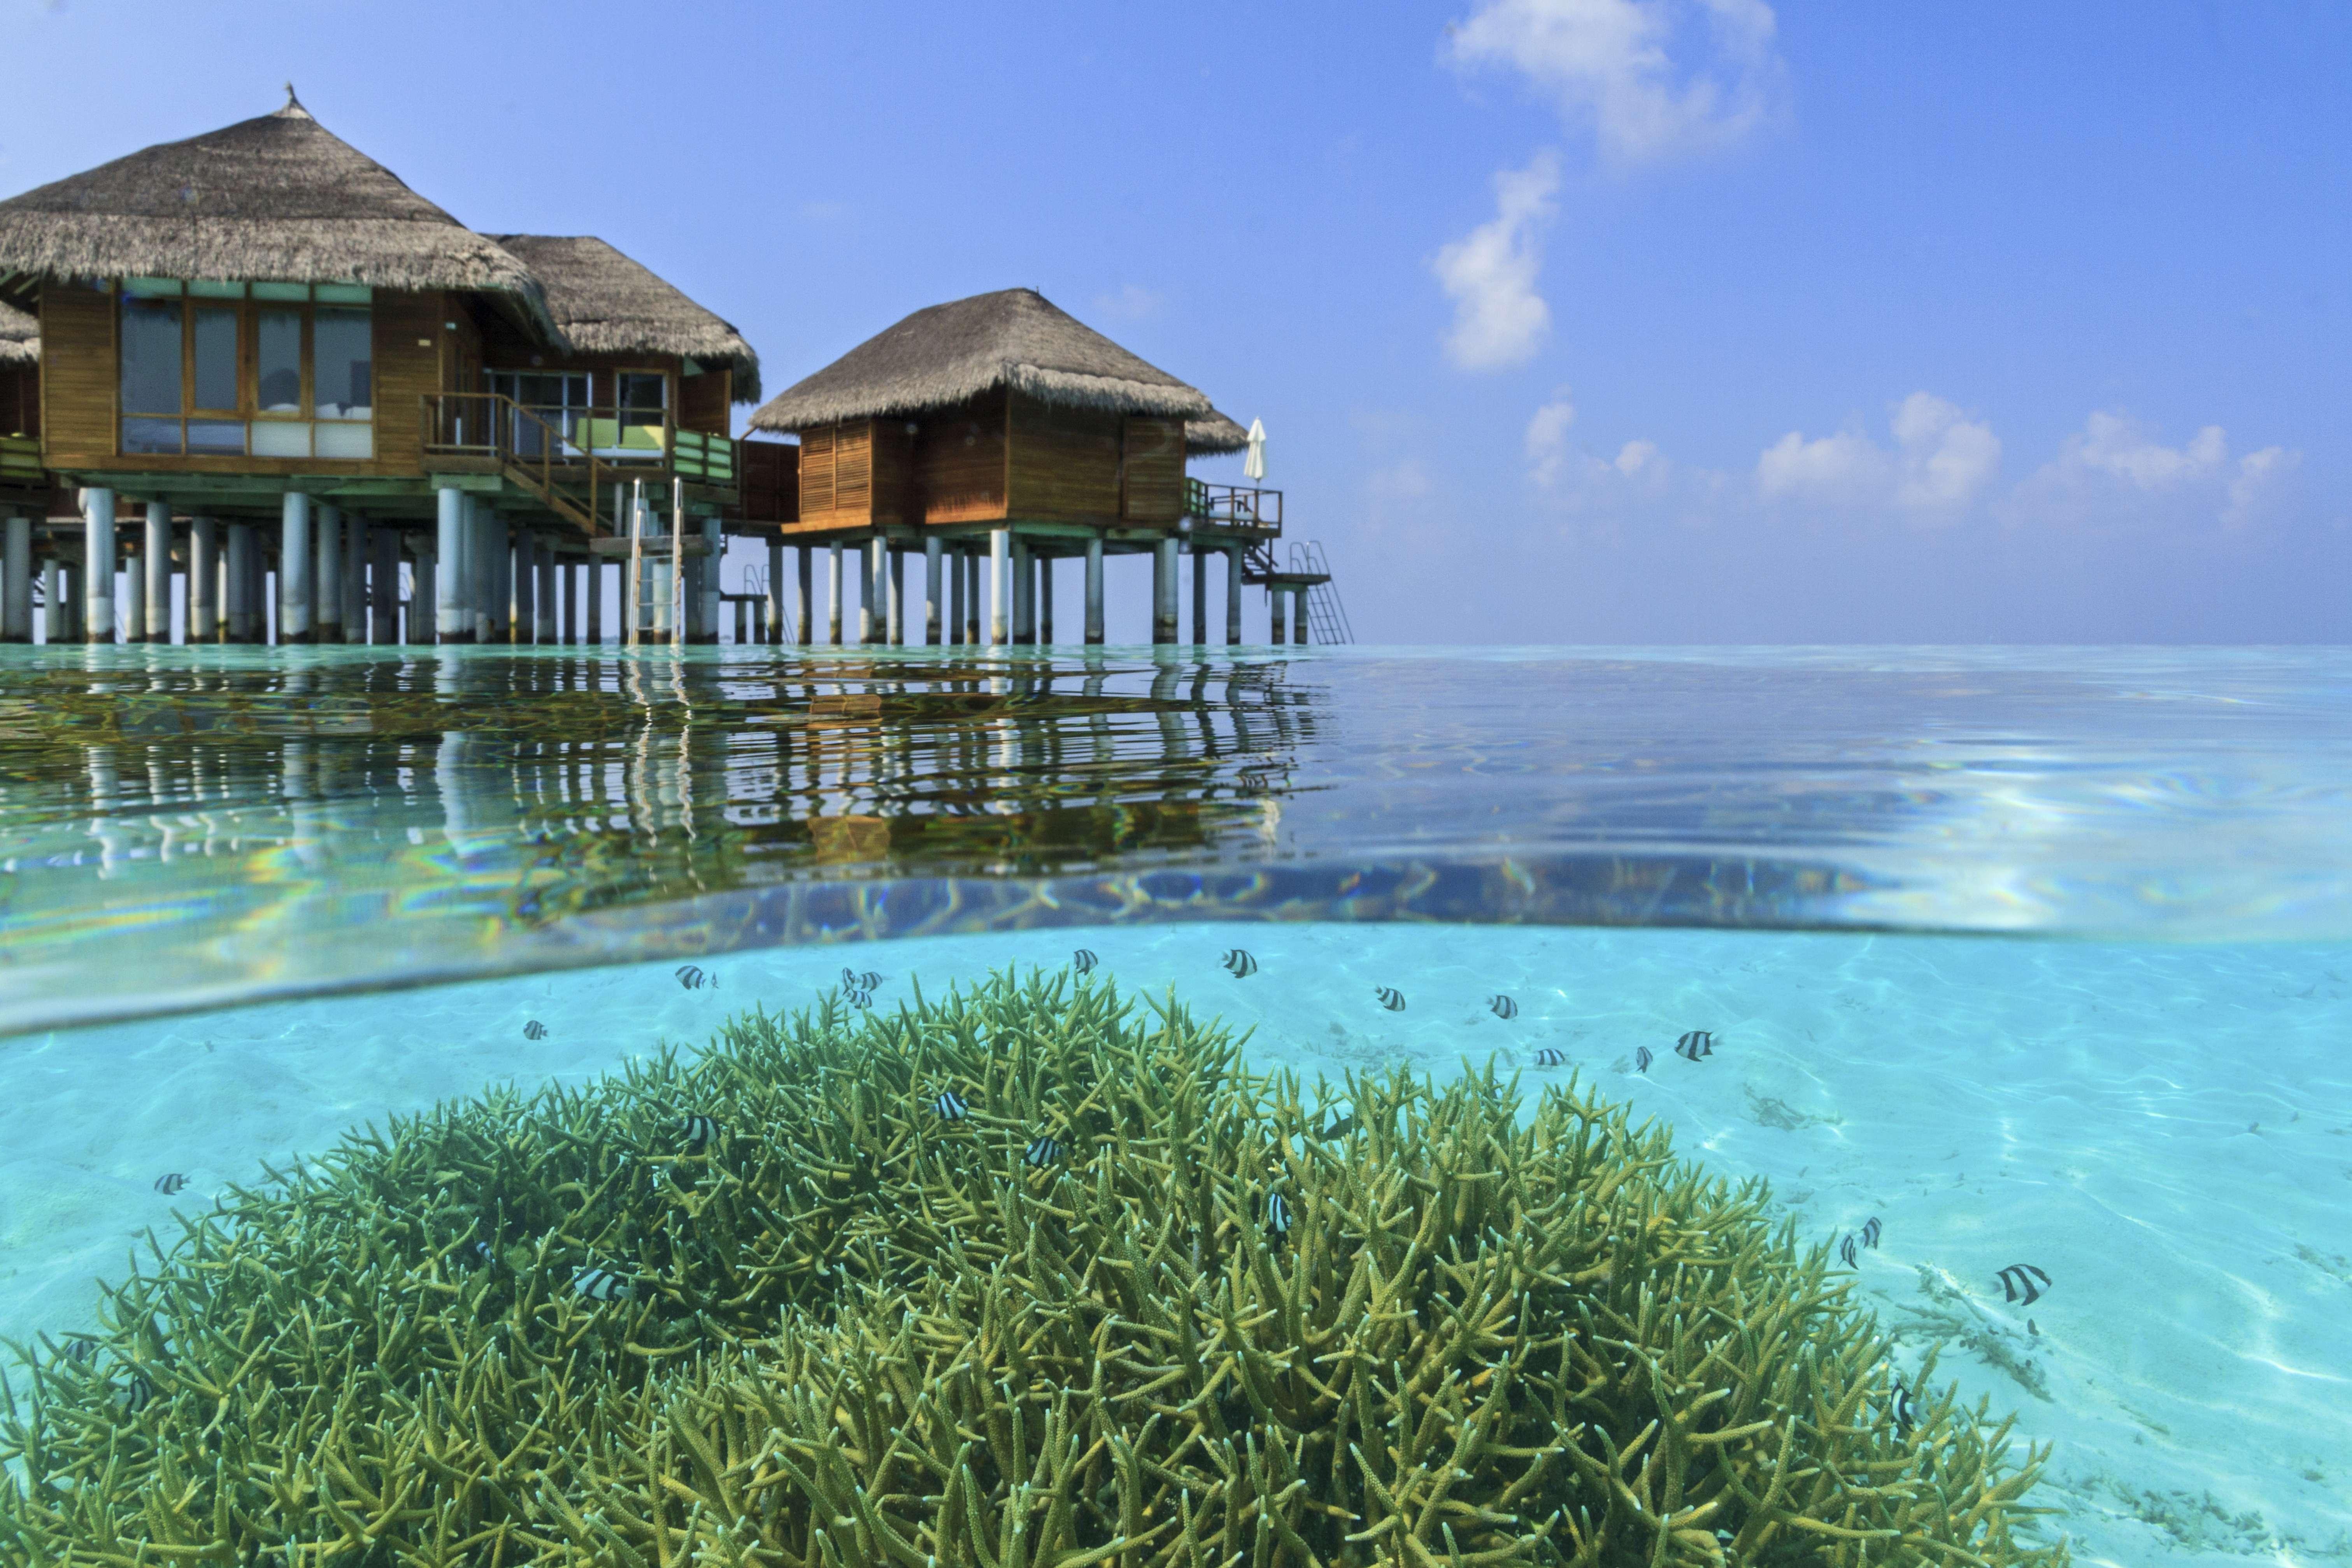 Maafushivaru Island Resort, South Ari Atoll, The Maldives